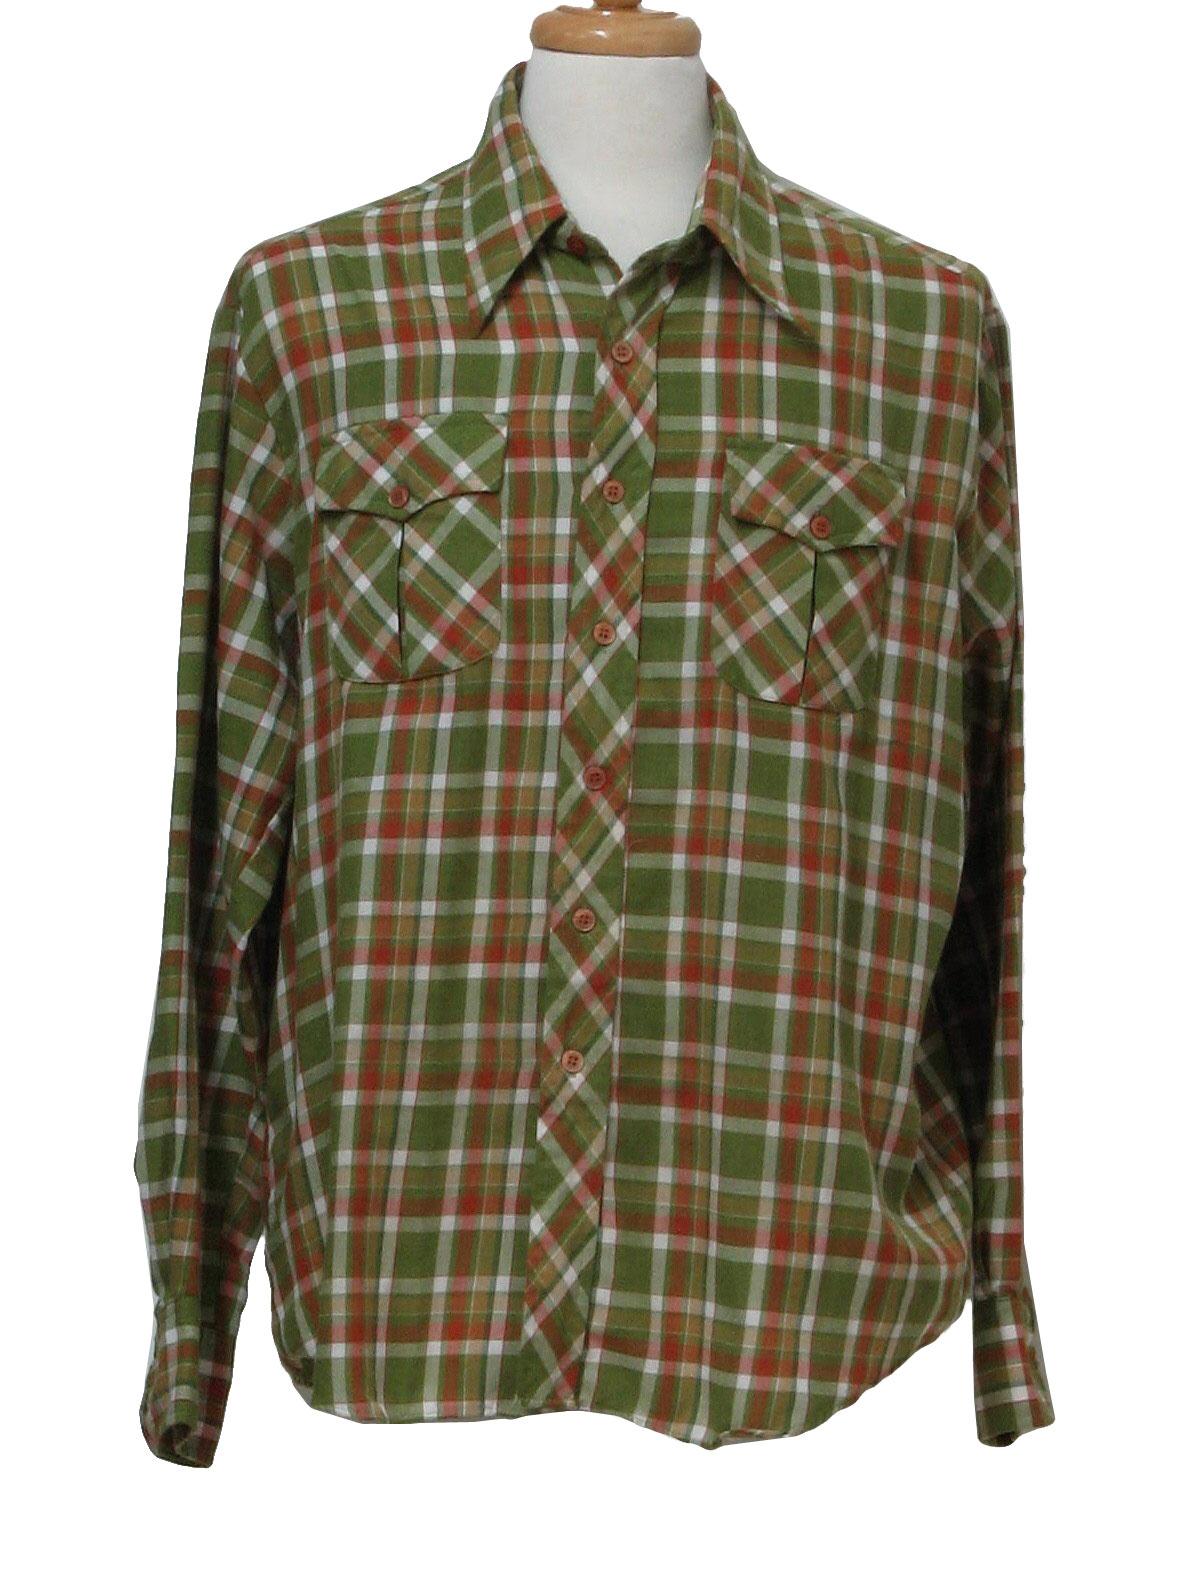 Chemise Et Cie Seventies Vintage Shirt 70s Chemise Et